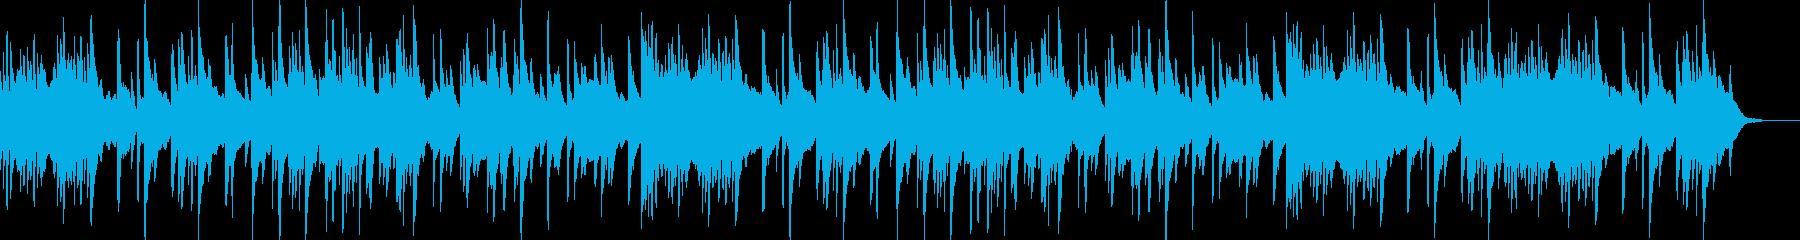 ハープの音色が美しい朝にぴったりな曲の再生済みの波形